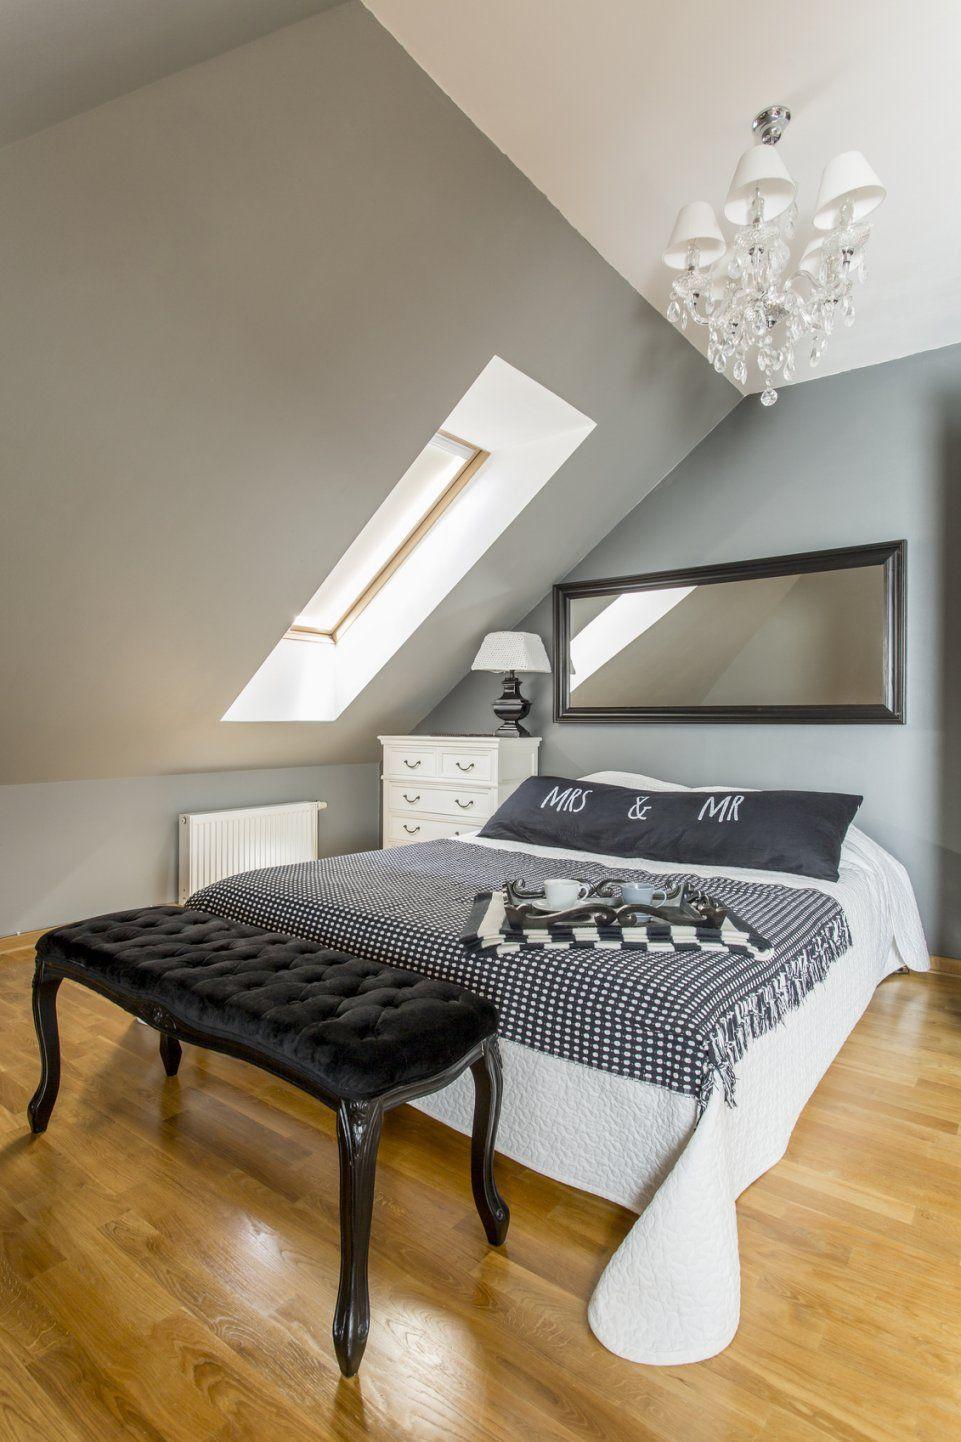 dachschr gen tapezieren mit rasch tapeten wie tapeziere. Black Bedroom Furniture Sets. Home Design Ideas